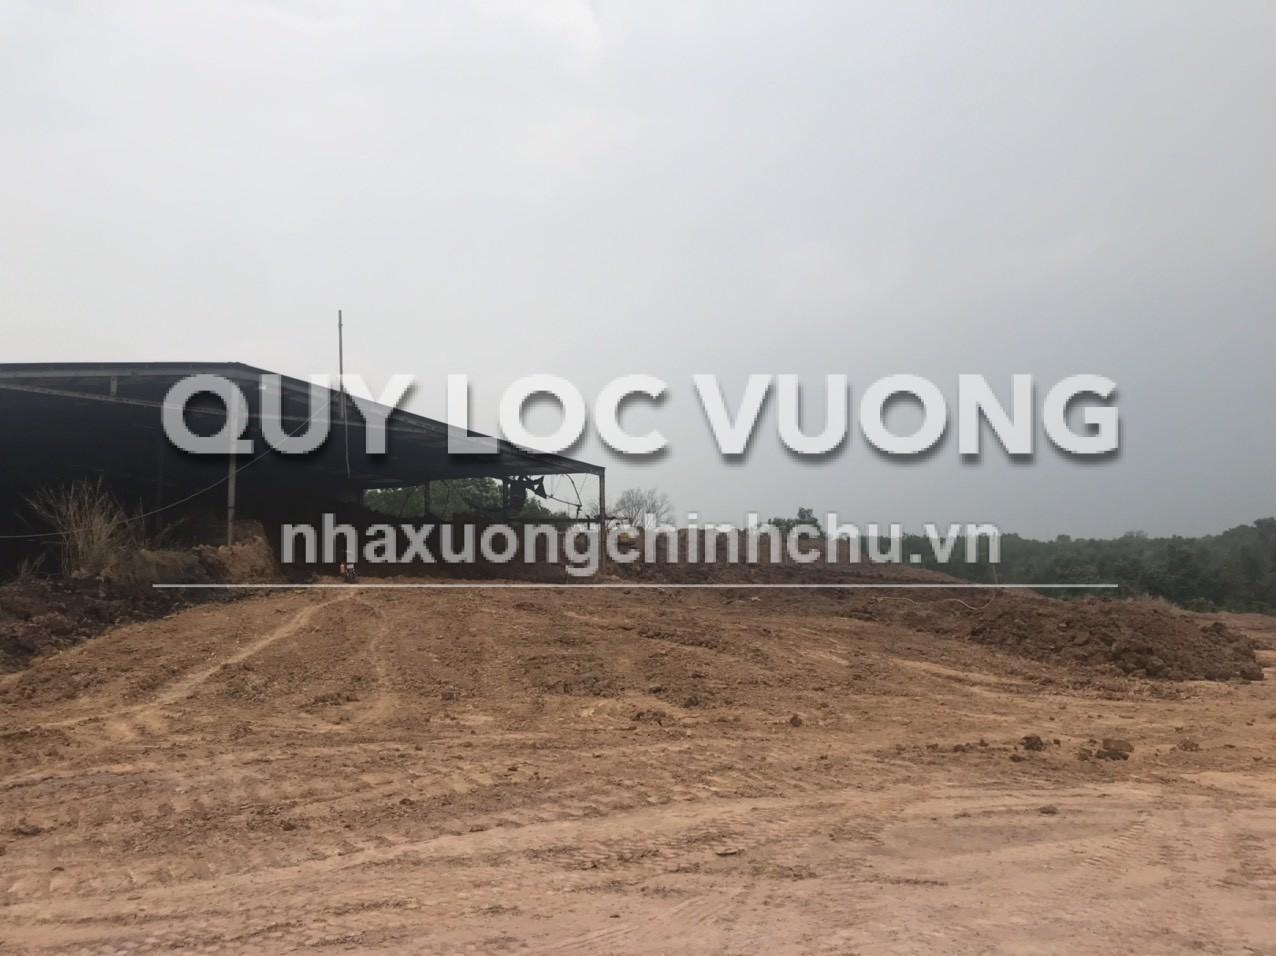 Bán hoặc cho thuê đất xưởng gạch 60.000m2 ở Tân Mỹ Tân Uyên Bình Dương